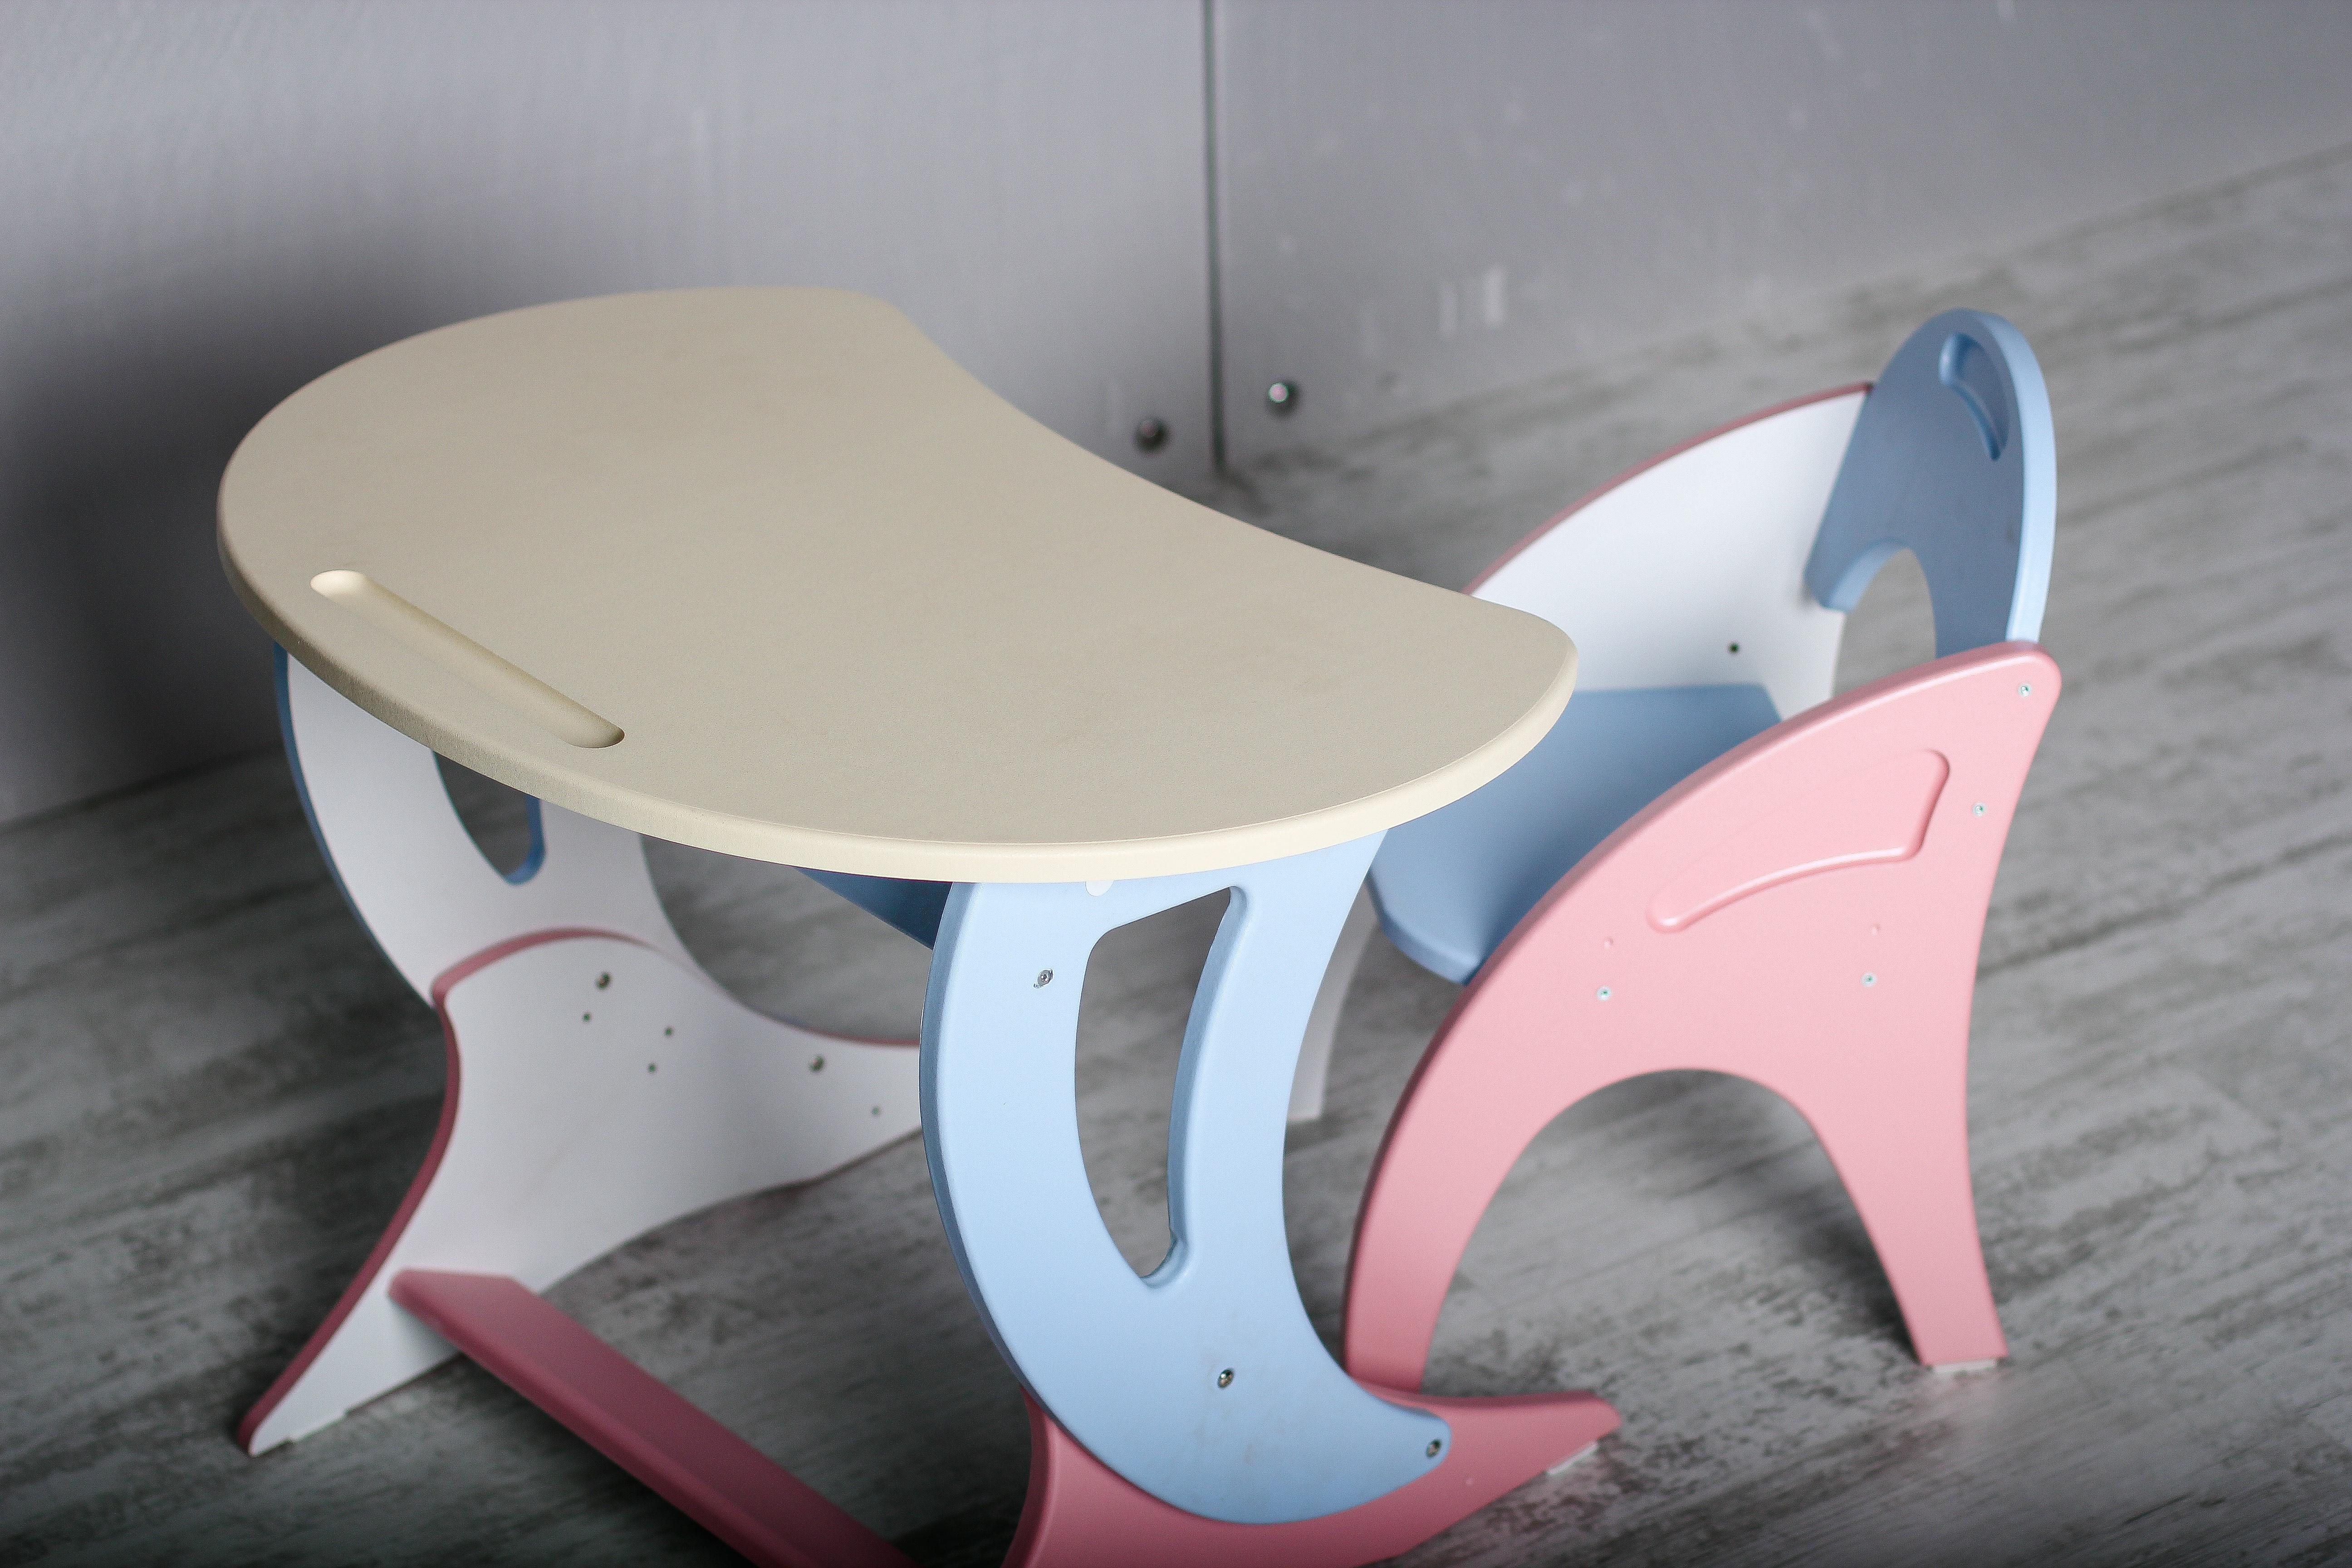 Набор детской мебели Интехпроект ПАРУС, бежевый, голубой, розовый